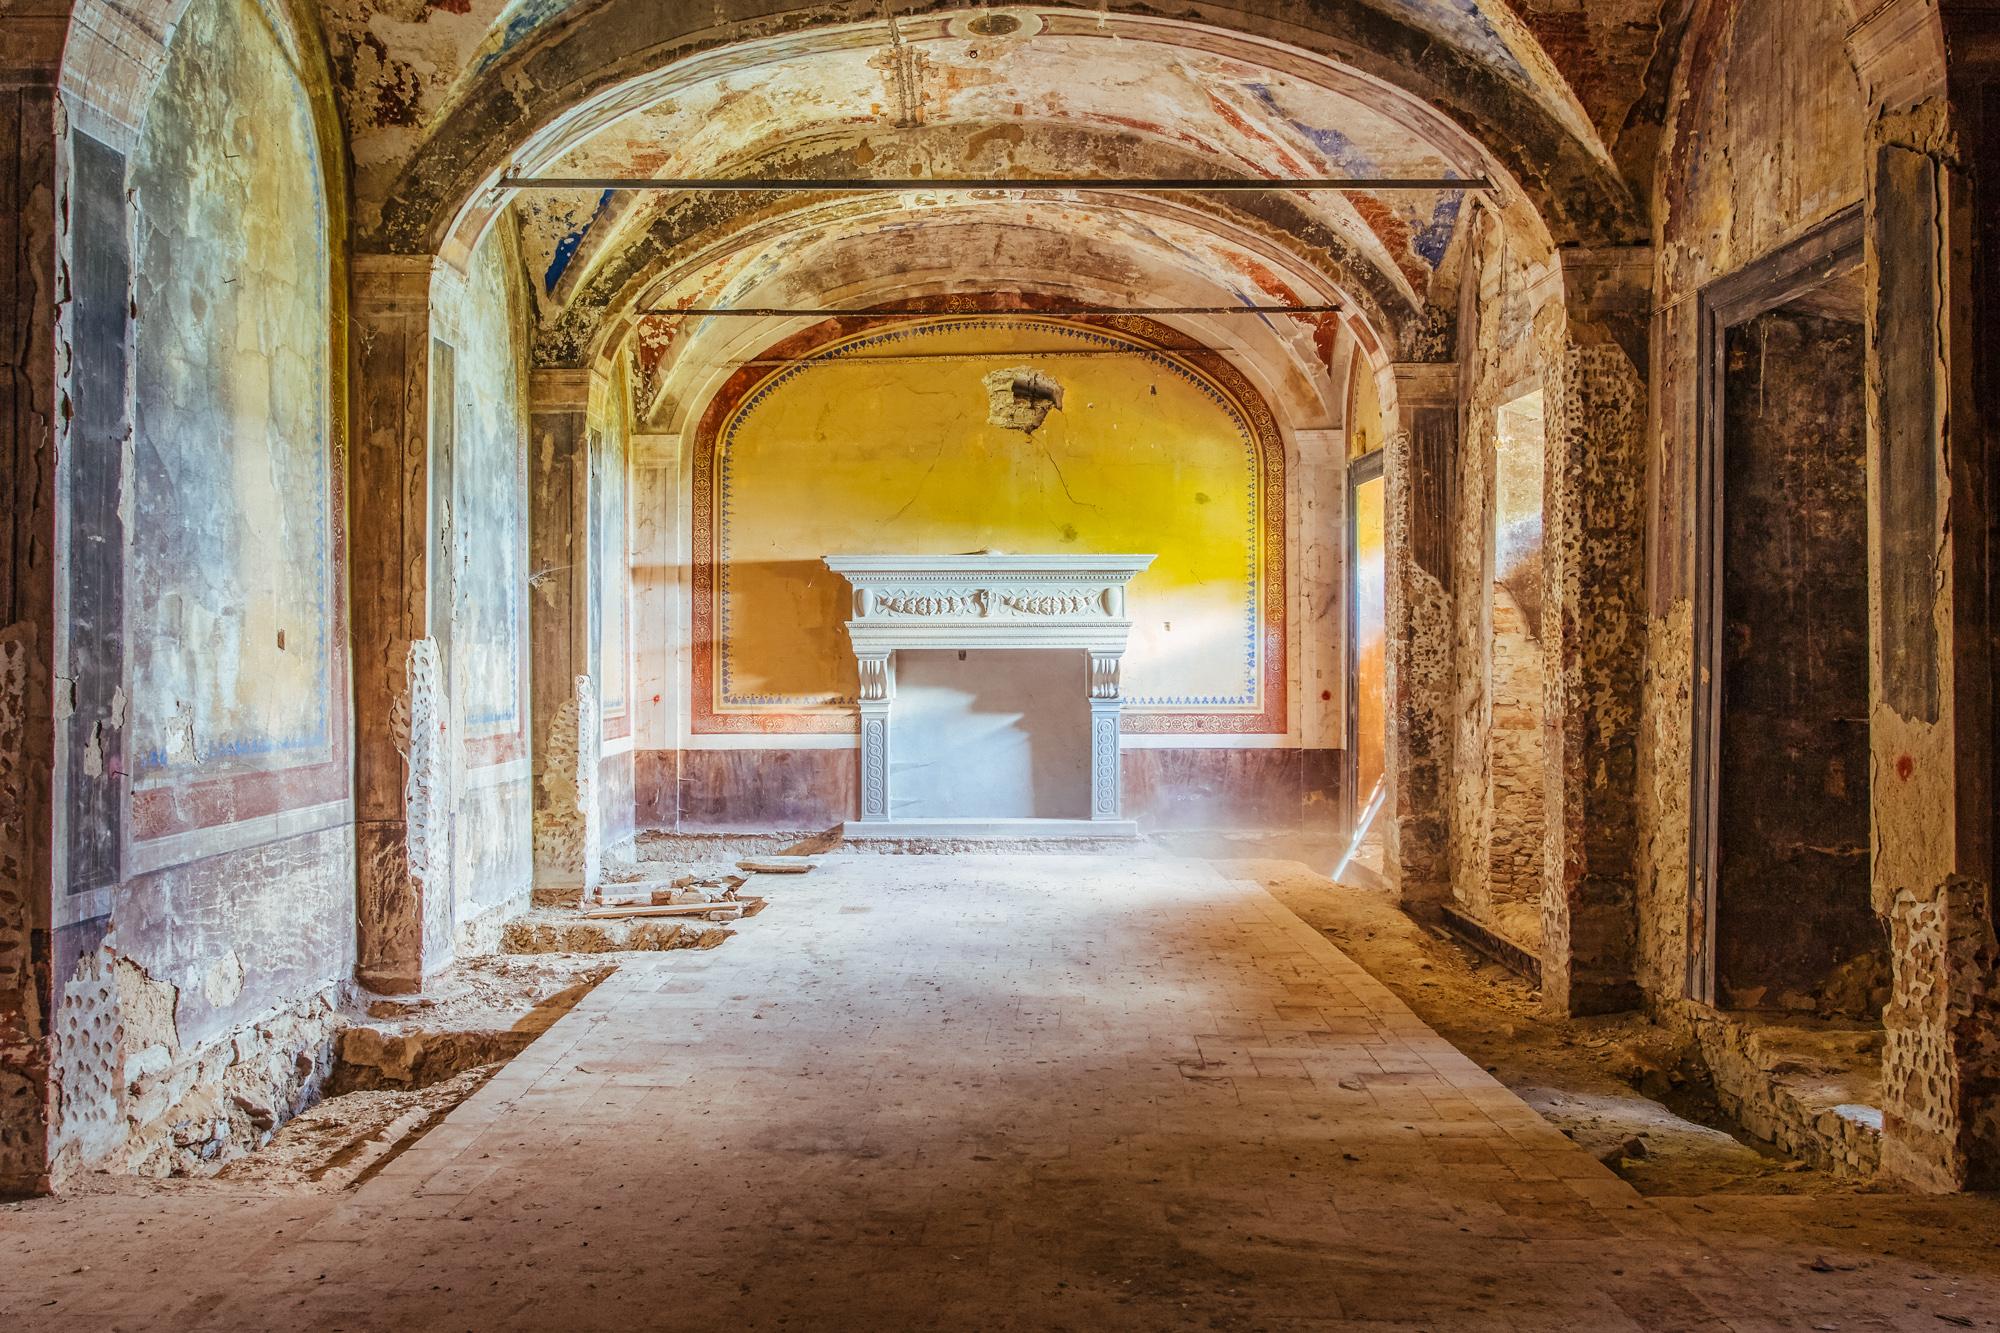 Domun Dei, le chiese abbandonate del fotografo James Kerwin | Collater.al